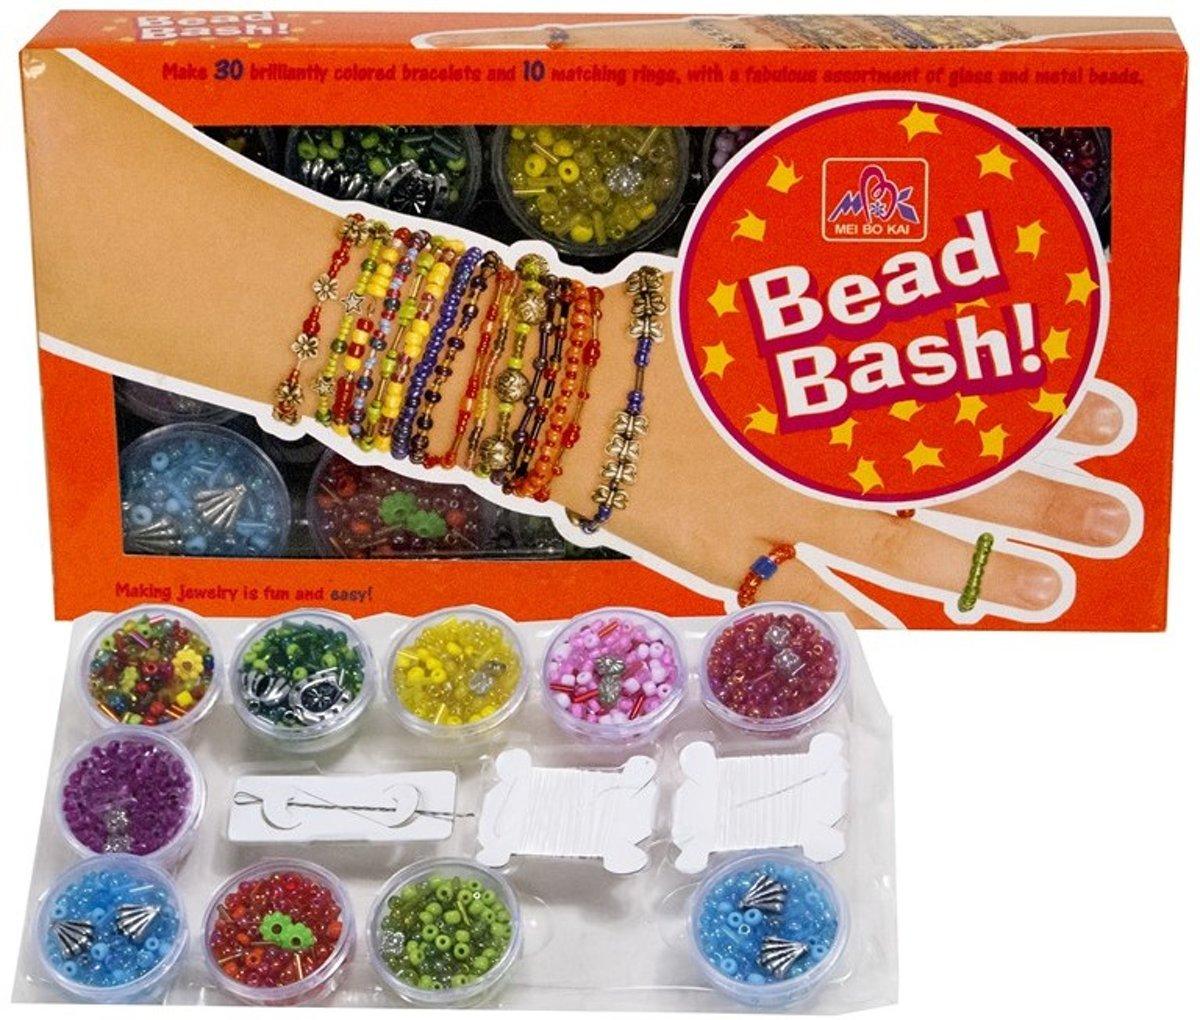 Bead Bash kralenset glas/metaal - Armbandjes maken kopen